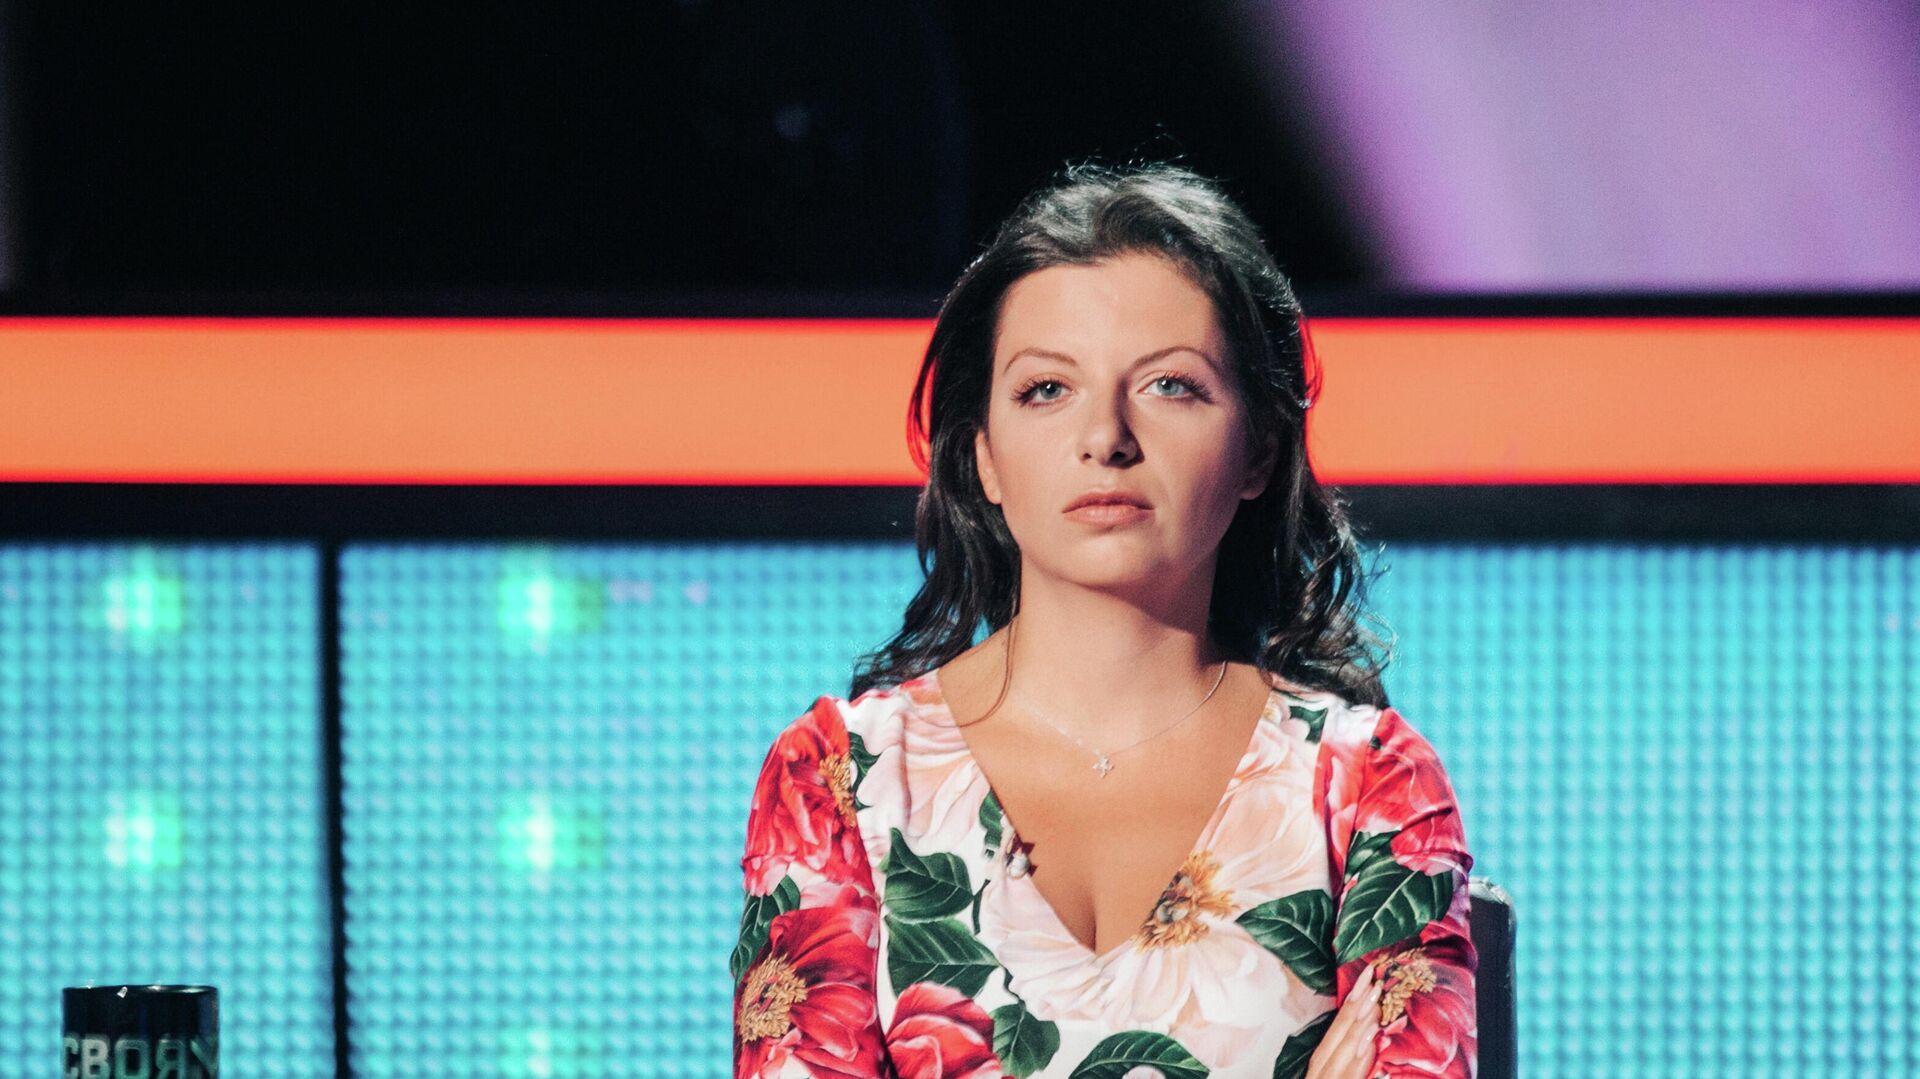 Захарова призвала правительство Германии выдать RT DE лицензию на вещание